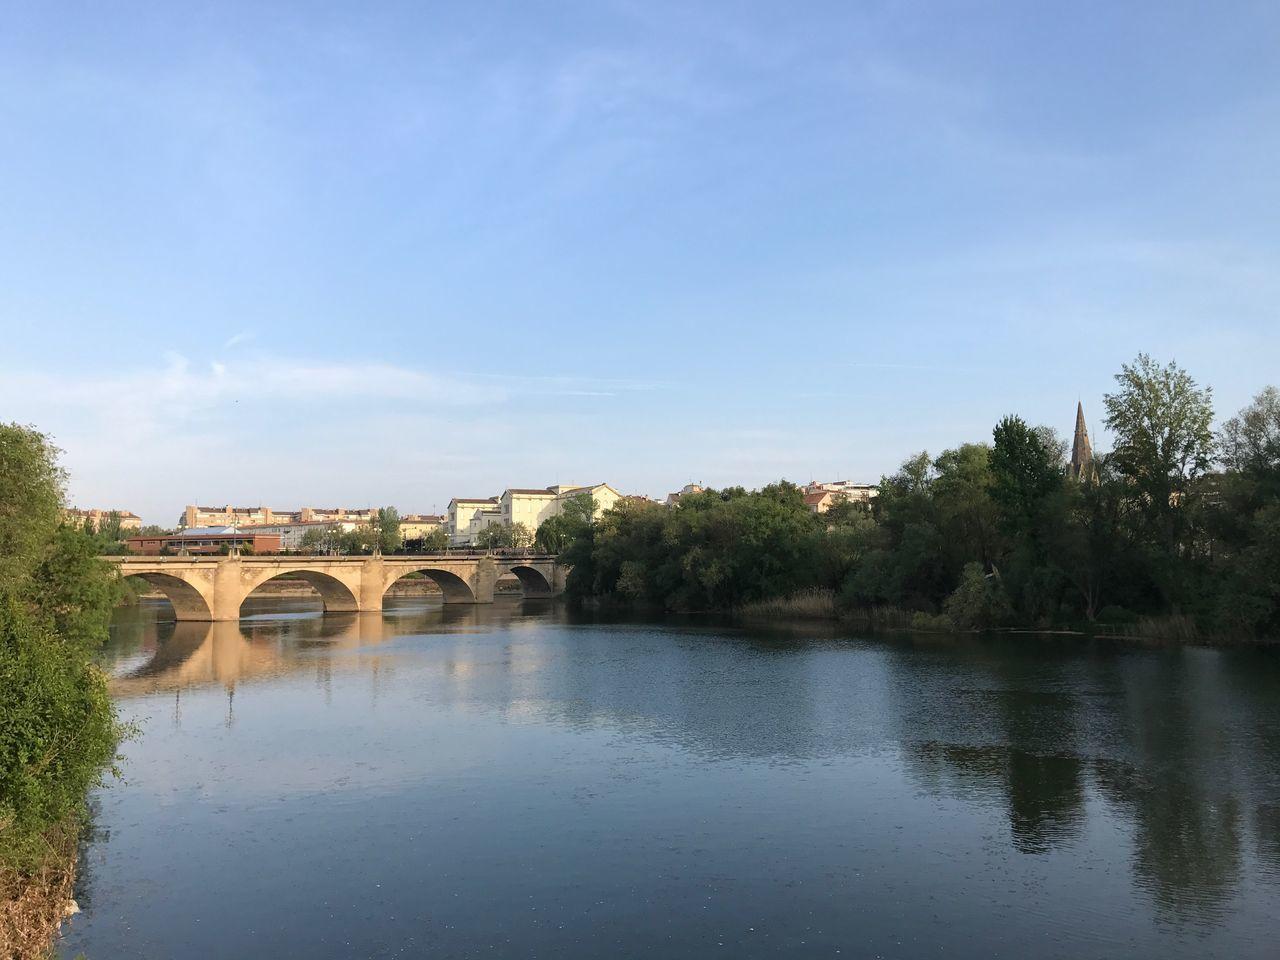 Puente Logroño Logronyo Logroño Puente Calledelpuente PuenteDePiedra